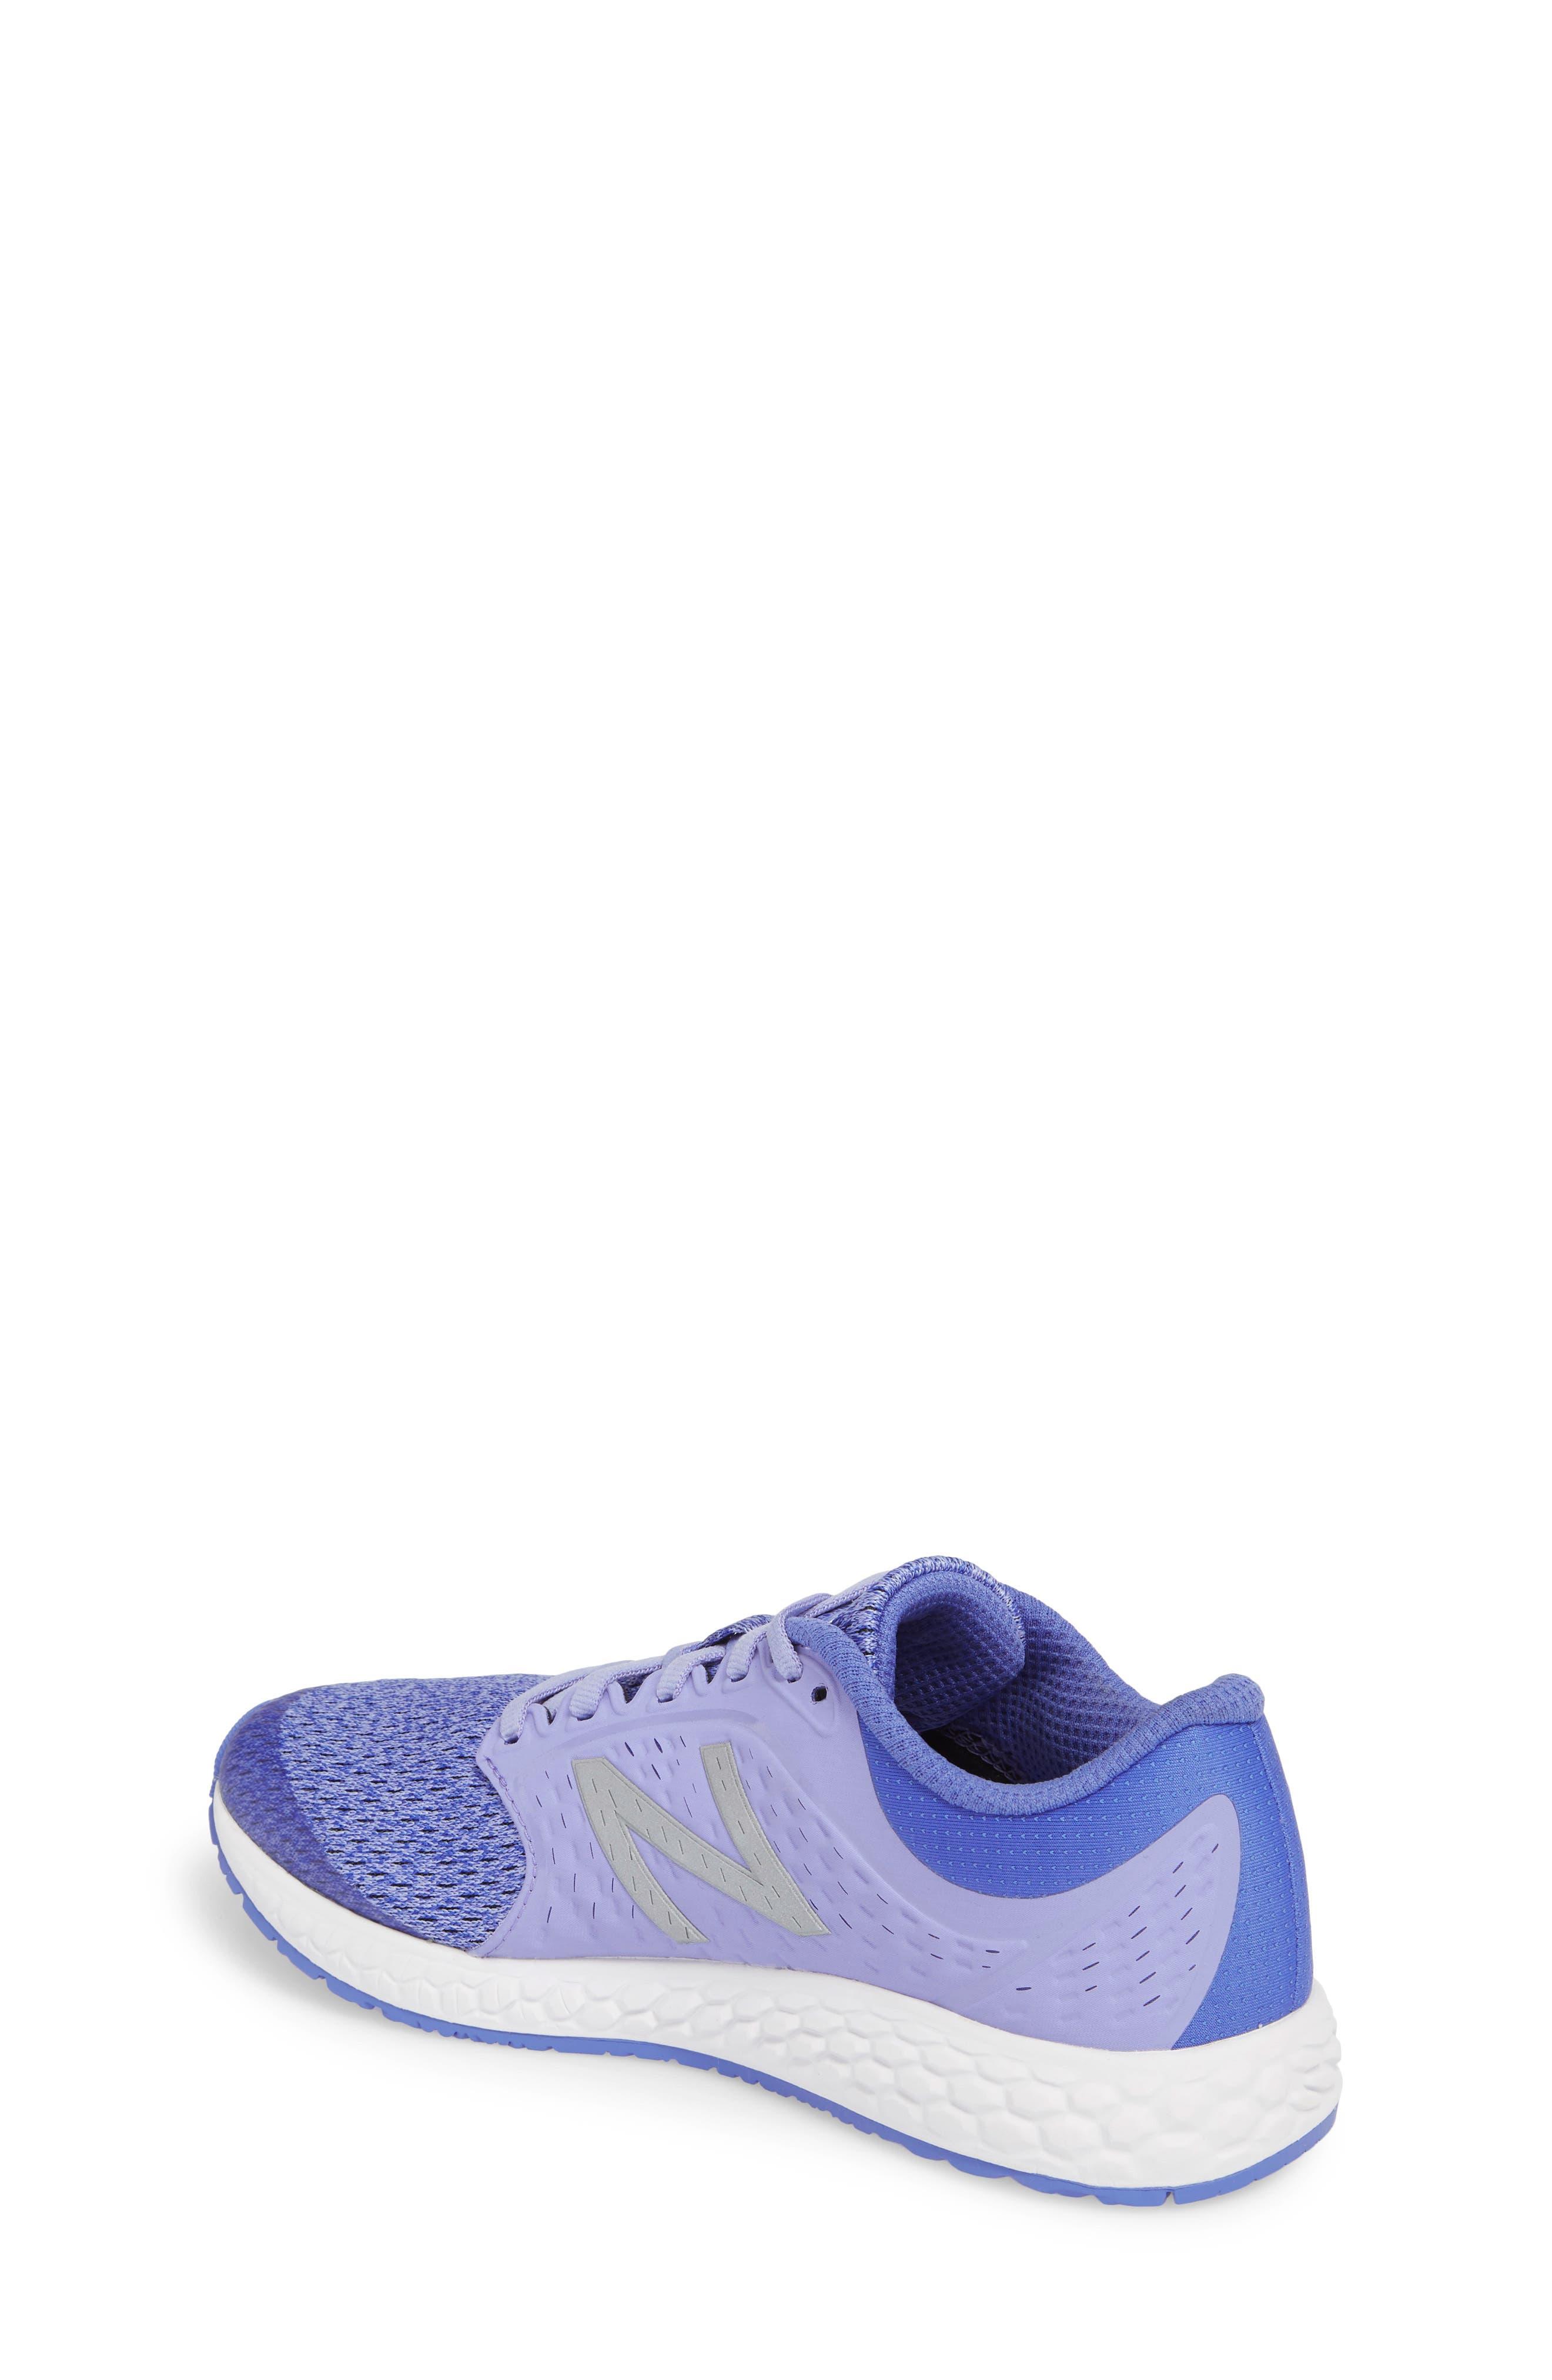 Fresh Foam Zante v4 Running Shoe,                             Alternate thumbnail 2, color,                             Ice Violet